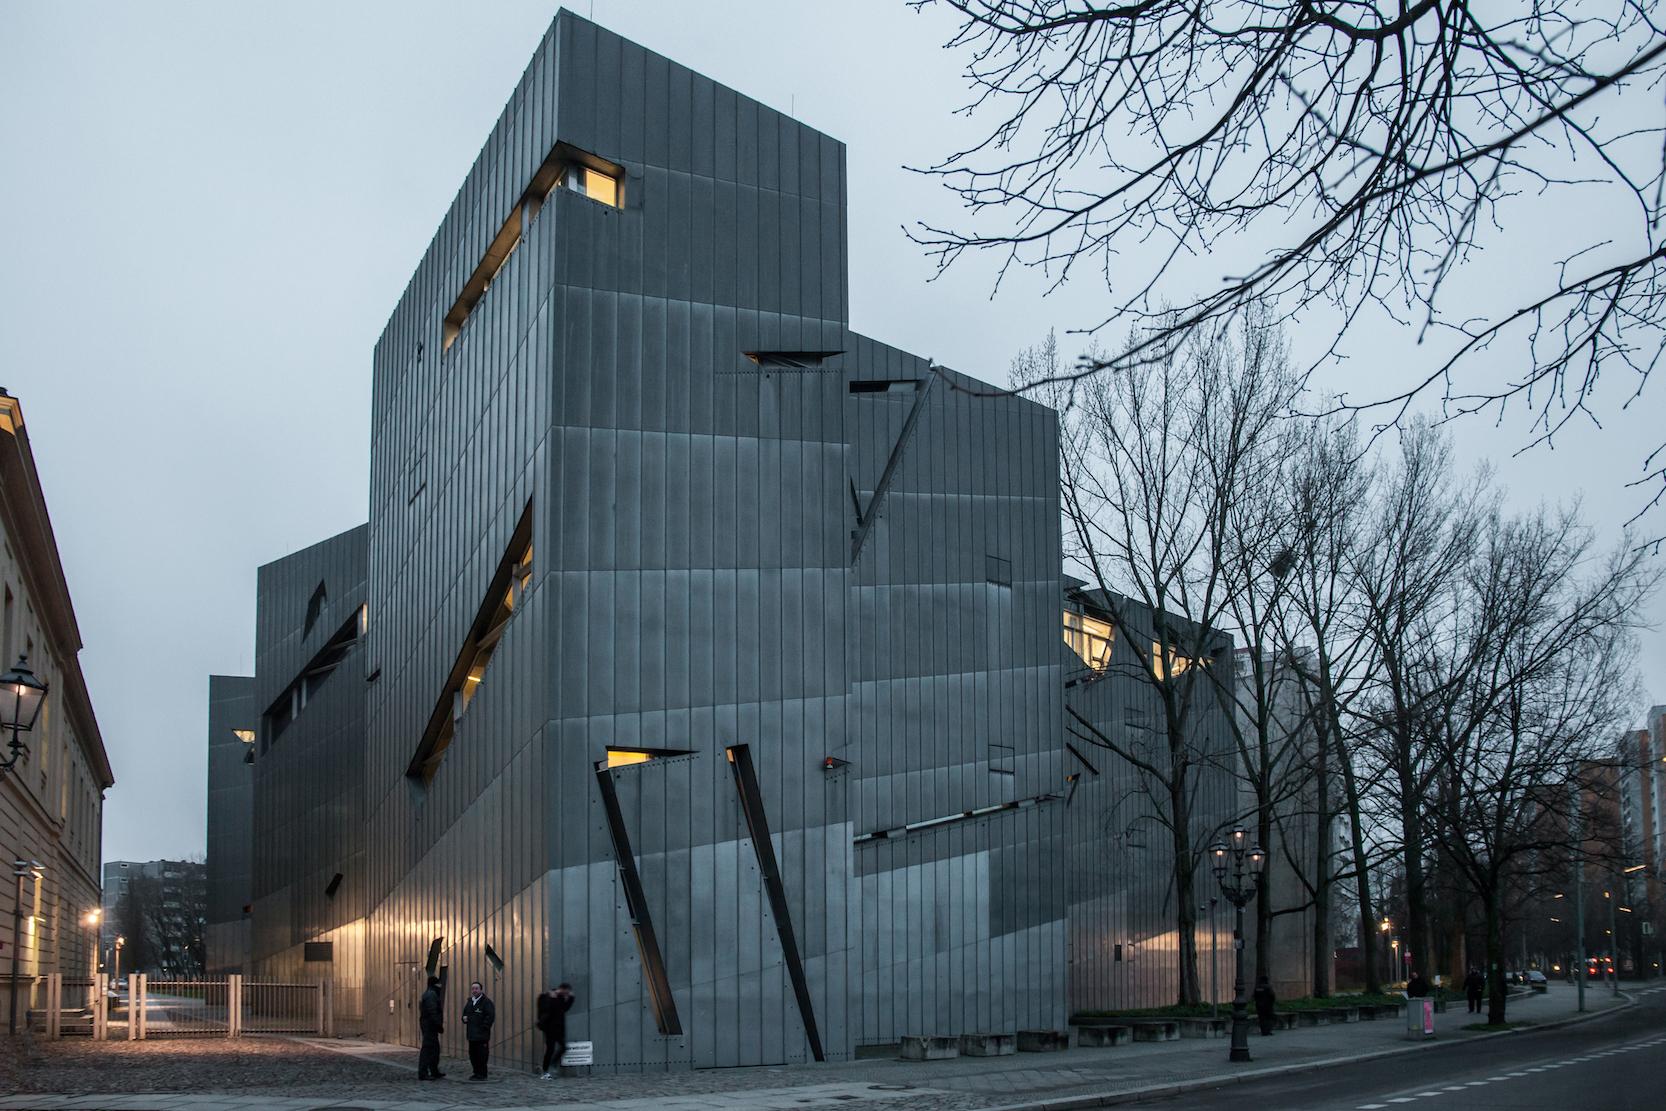 تصميمات المتاحف والمتحف اليهودي في ألمانيا - معماري